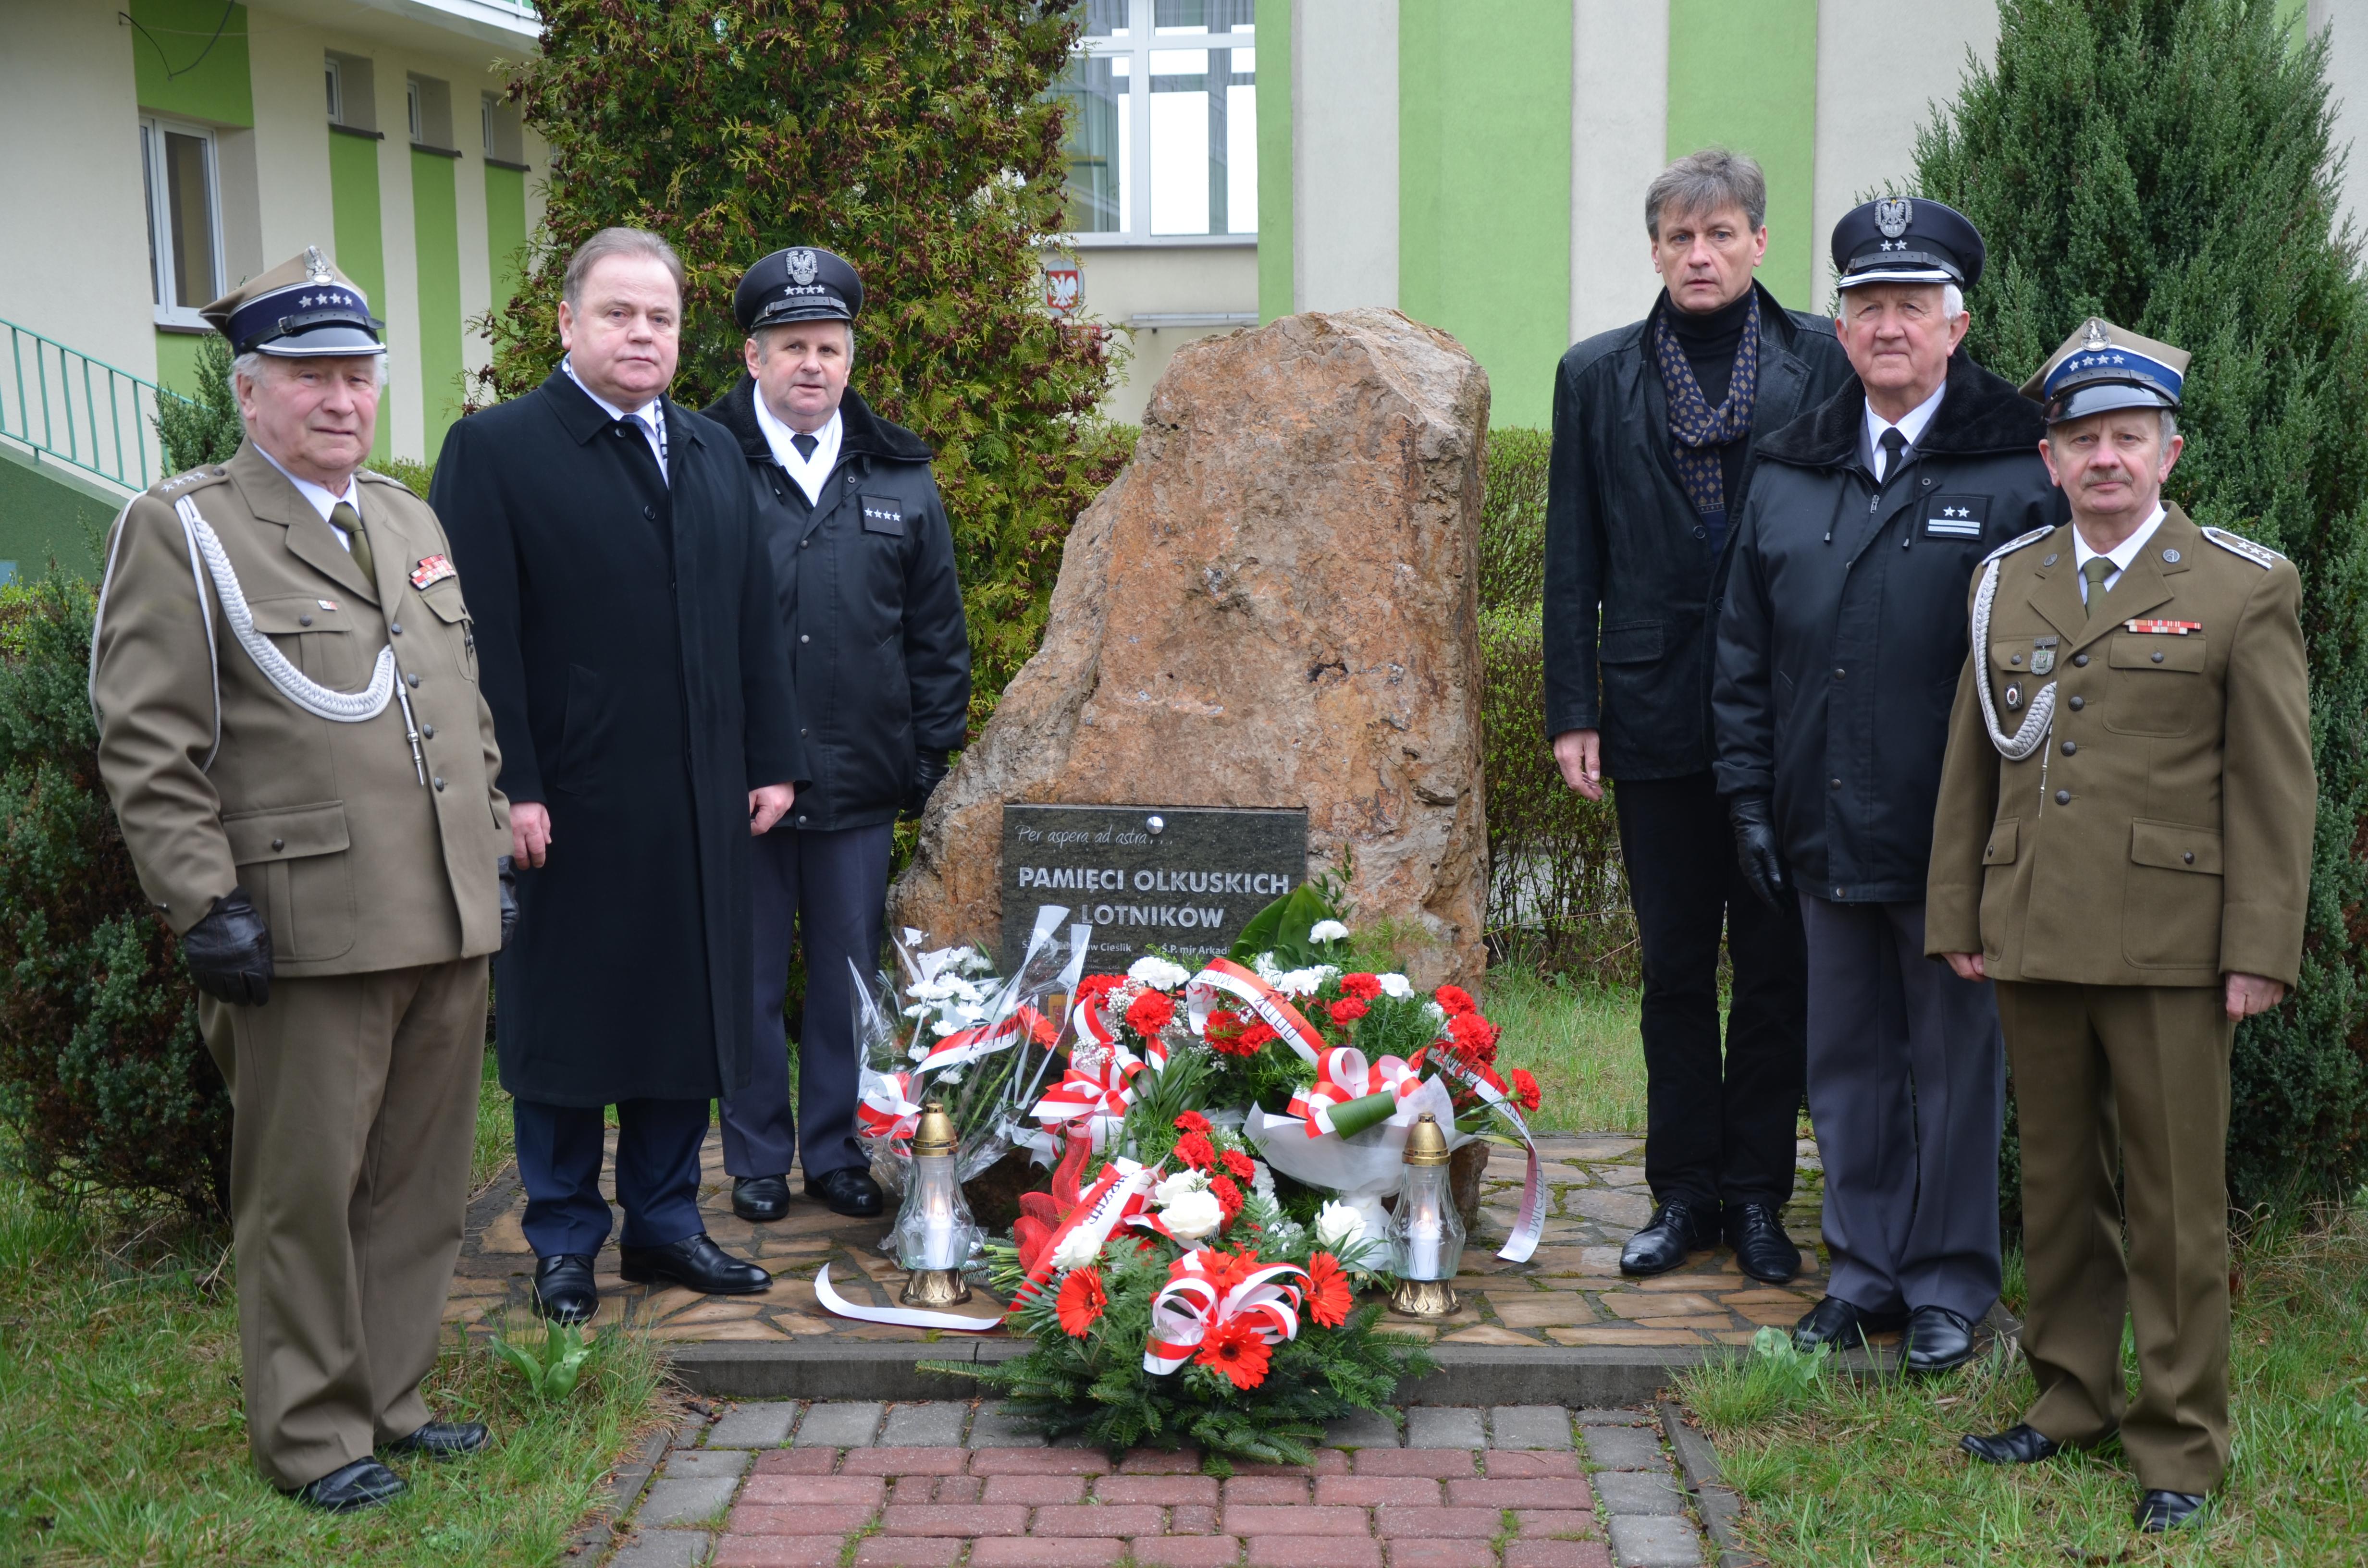 Grupa sześciu mężczyzn stoi obok pomnika